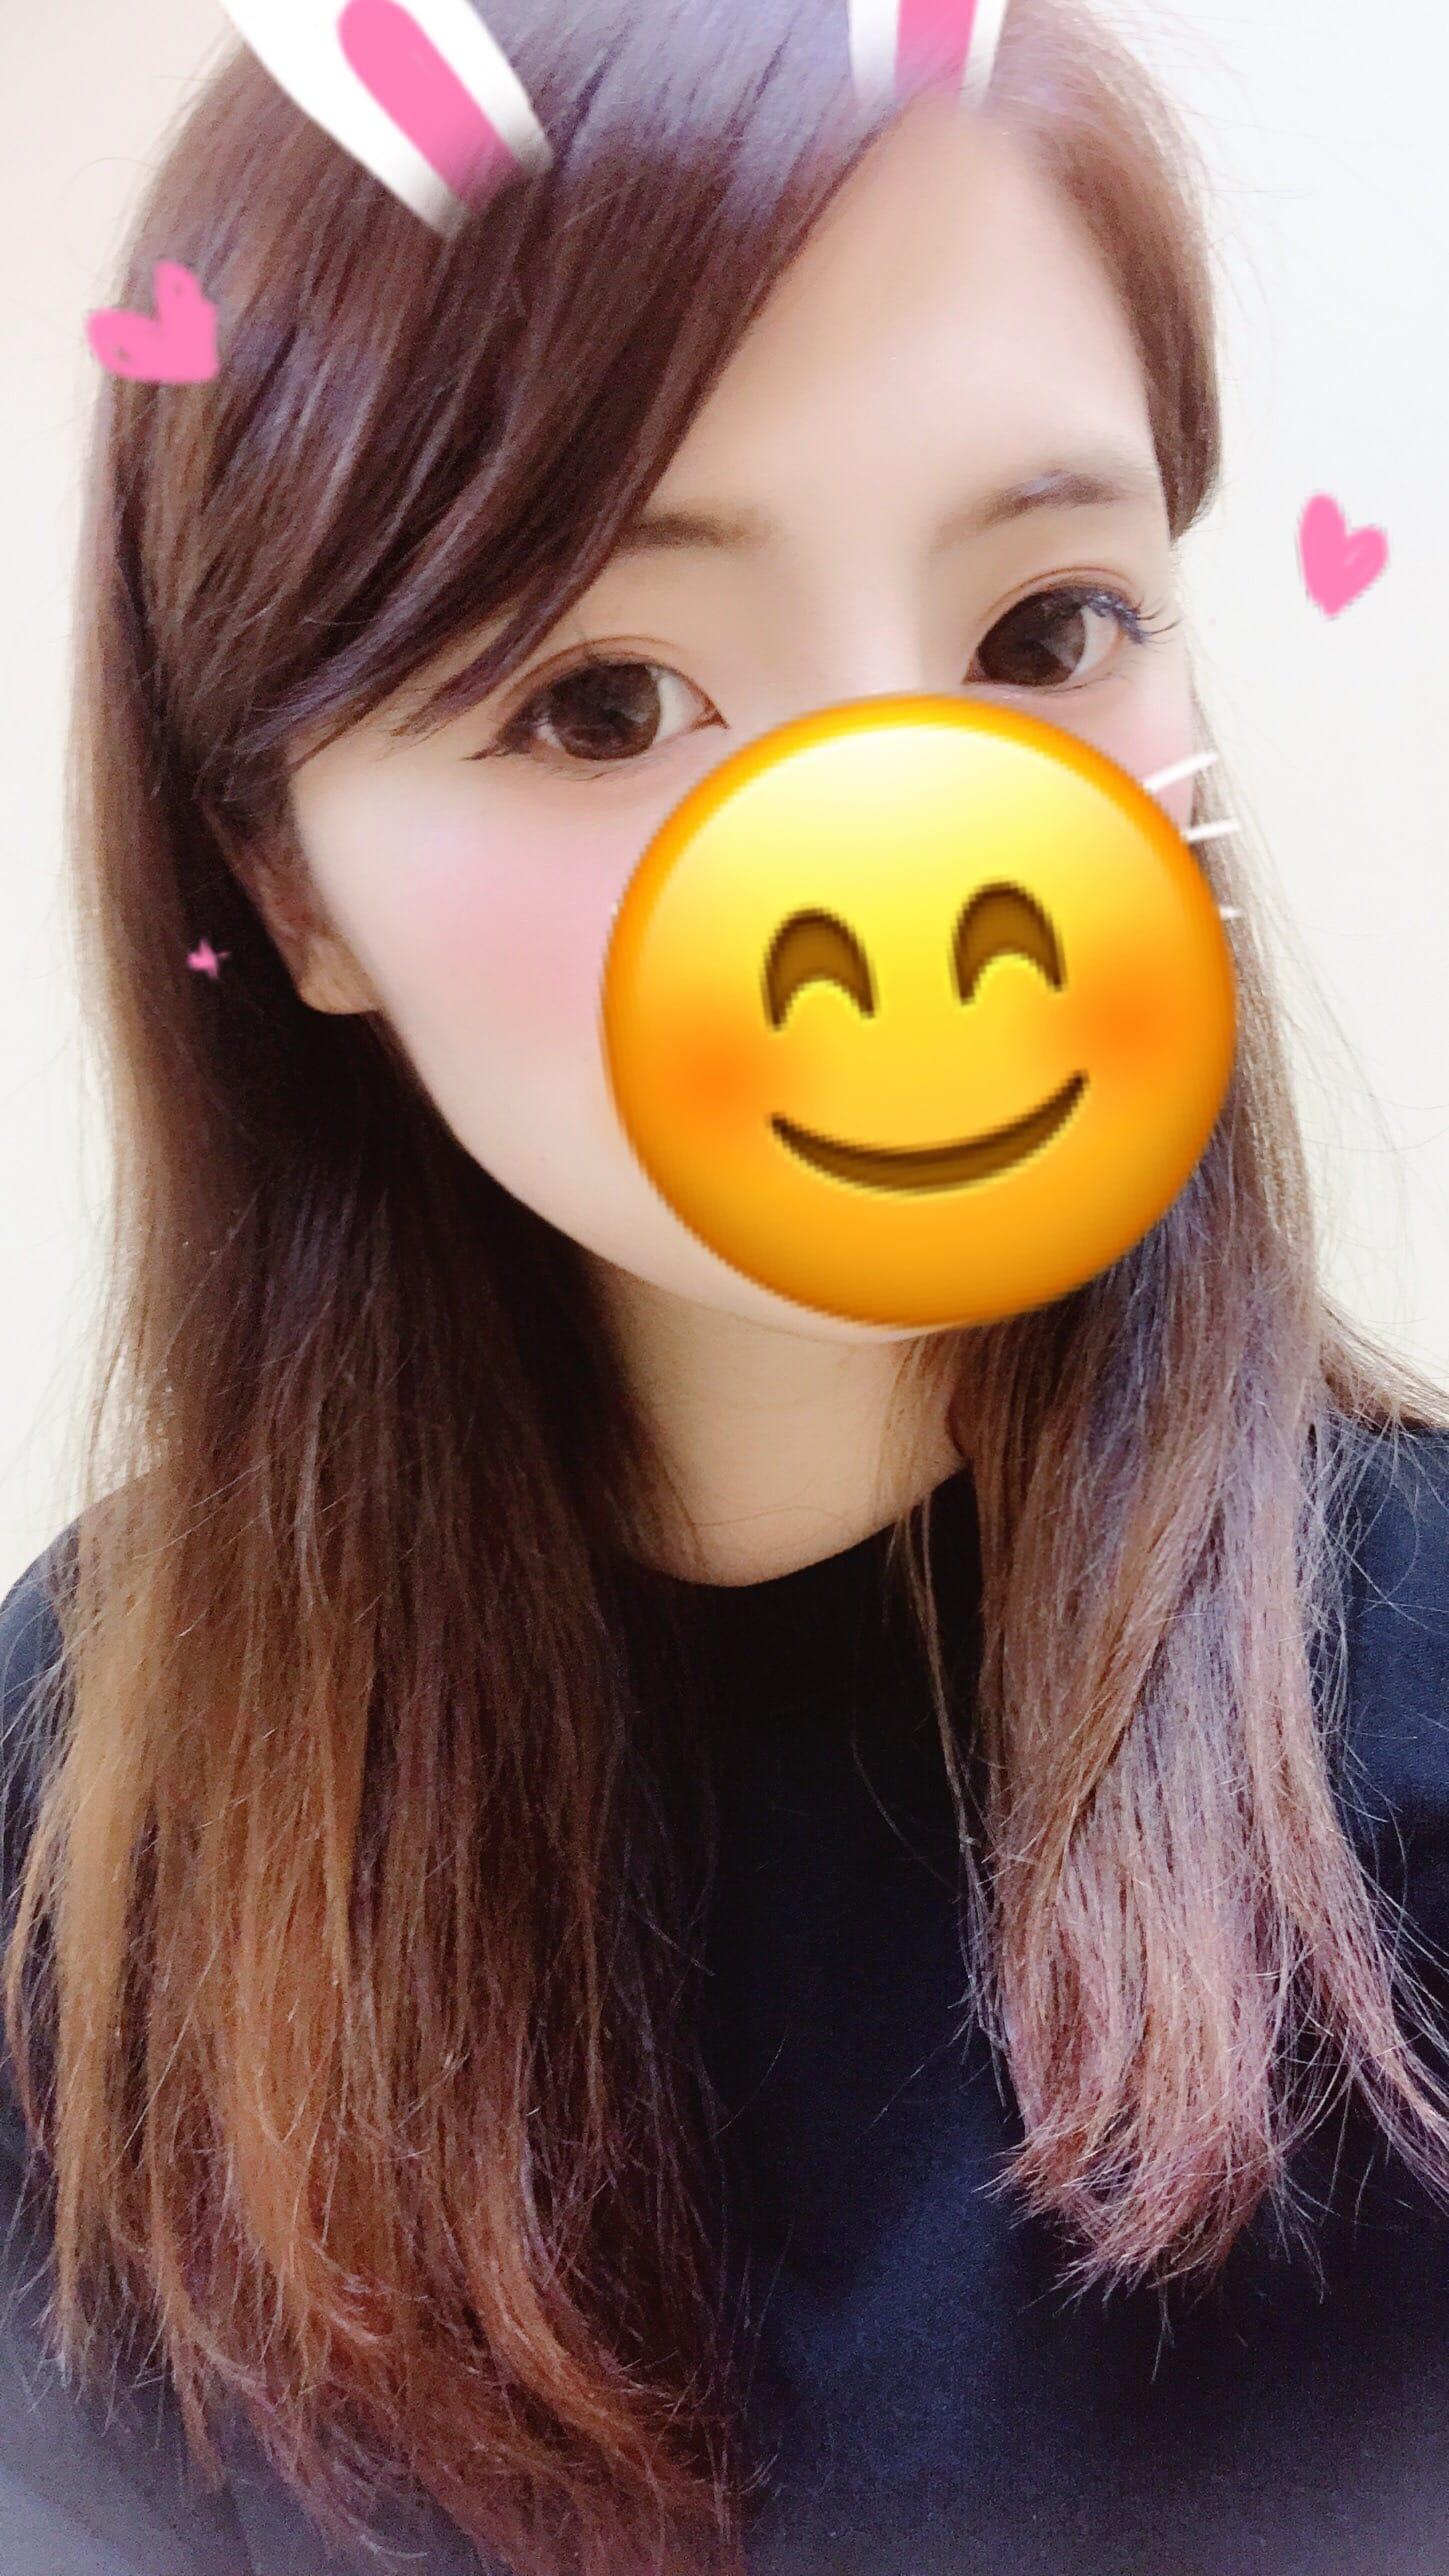 「リピっヽ(;▽;)ノ」10/12(10/12) 16:55 | りんかの写メ・風俗動画